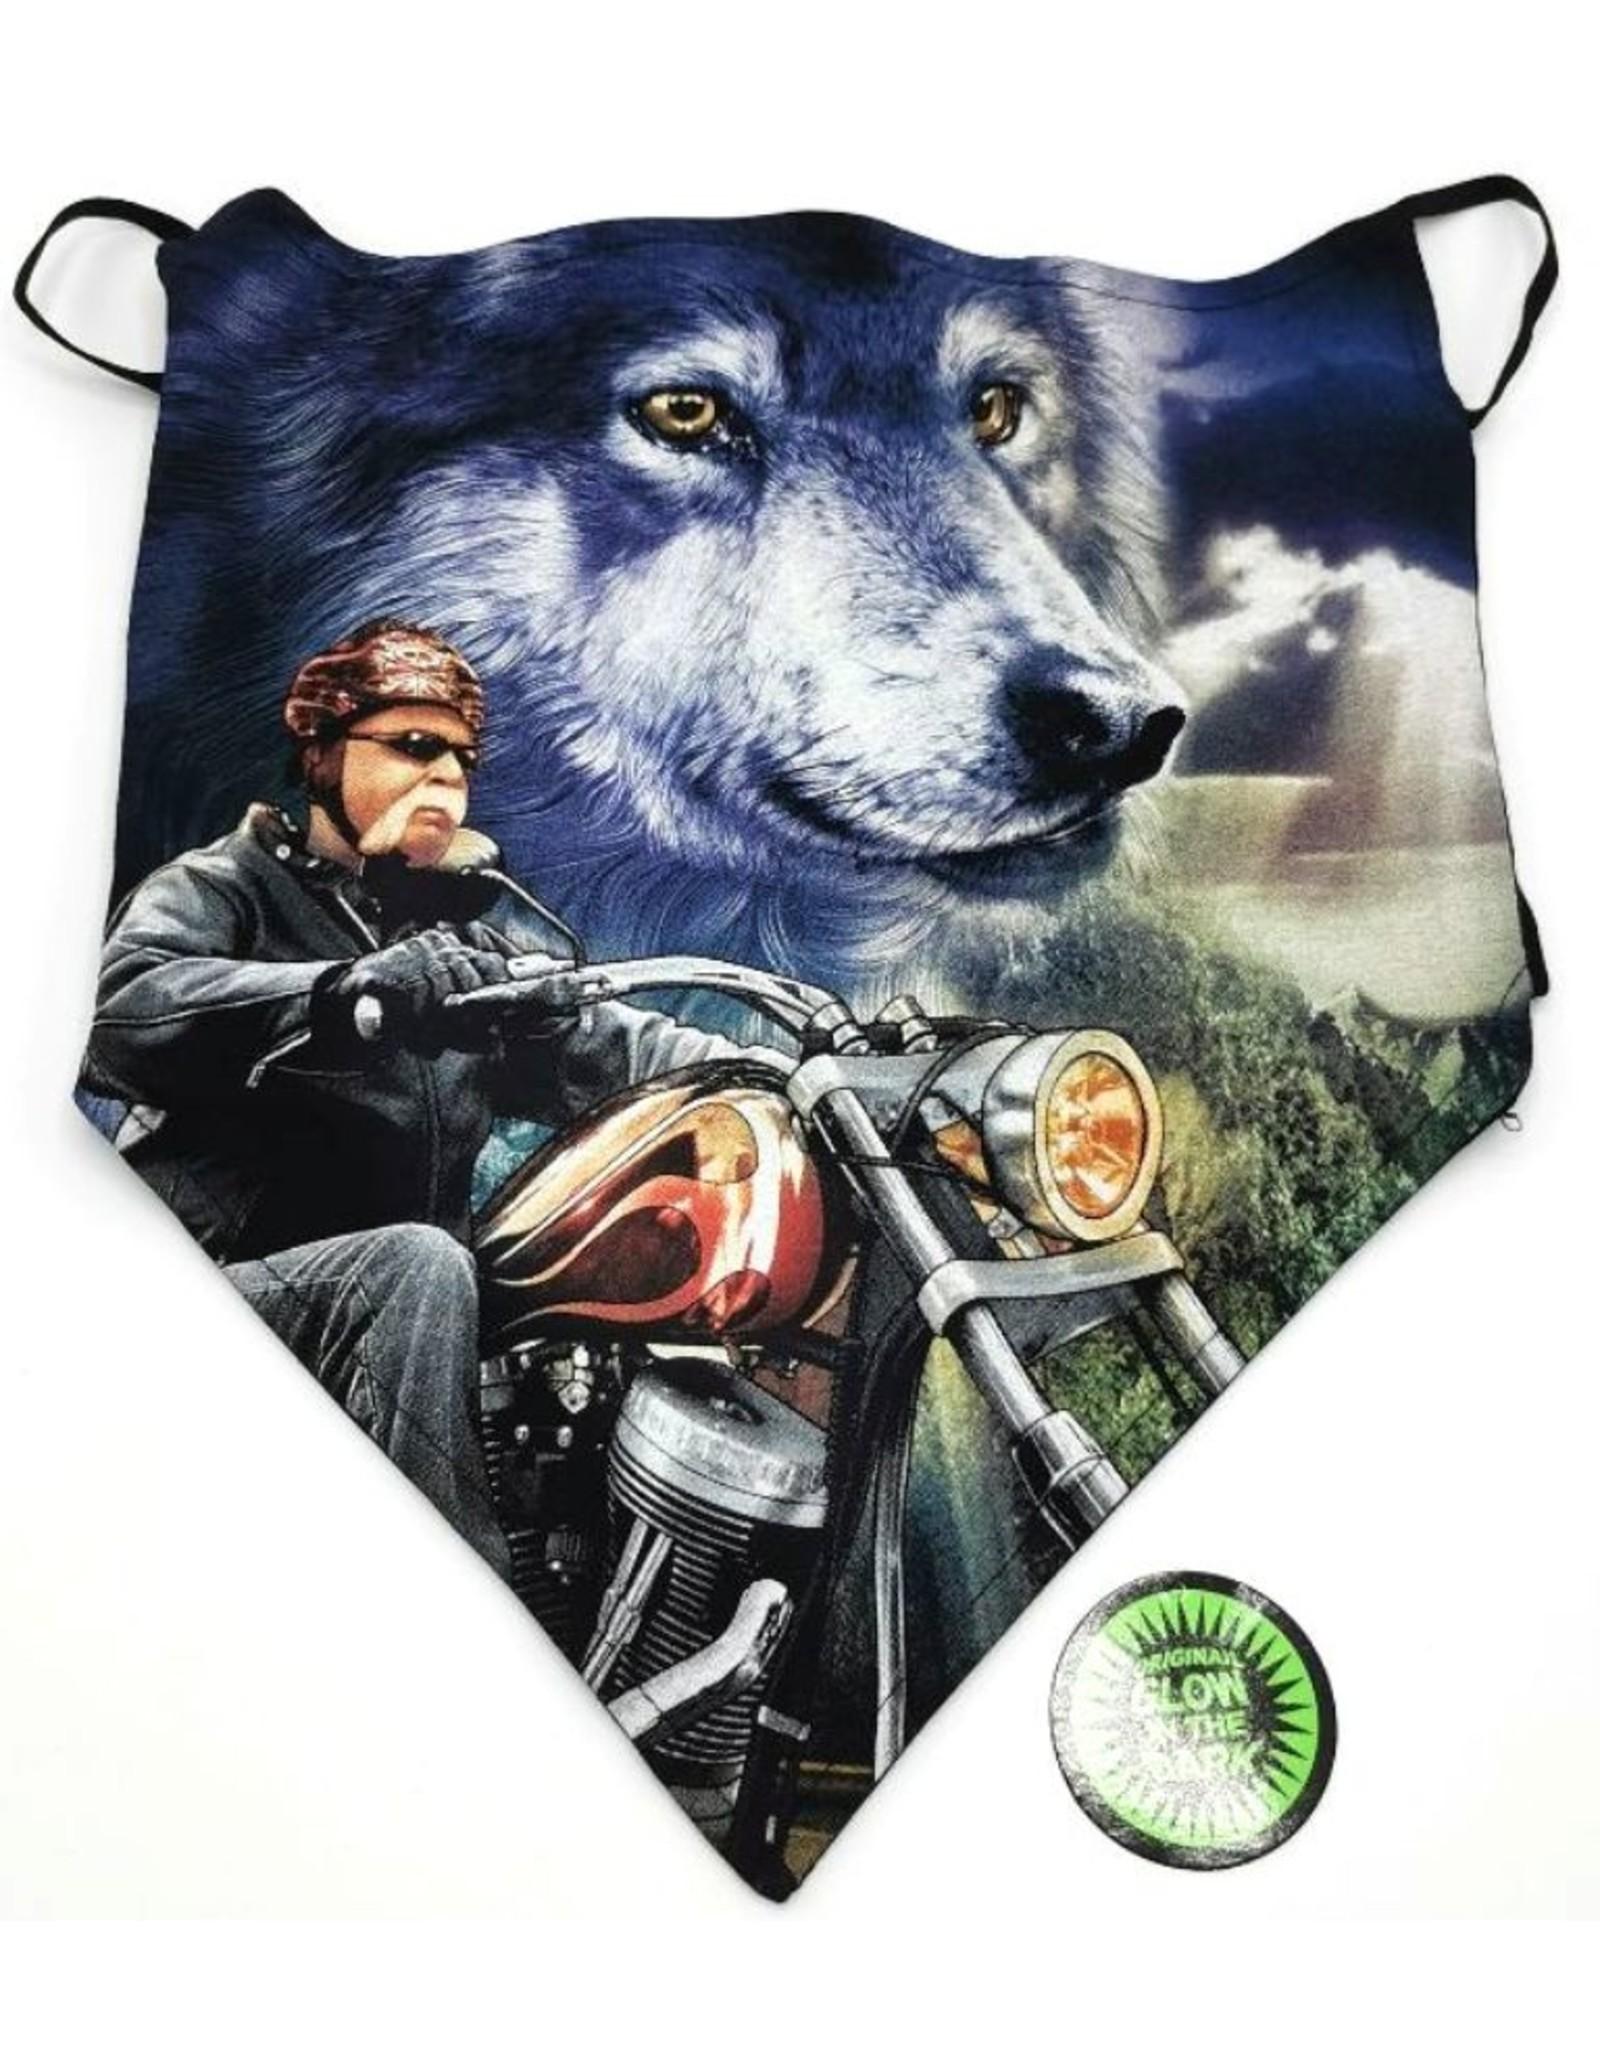 Wild Design Biker sjaals - Biker-sjaal Biker en Wolf